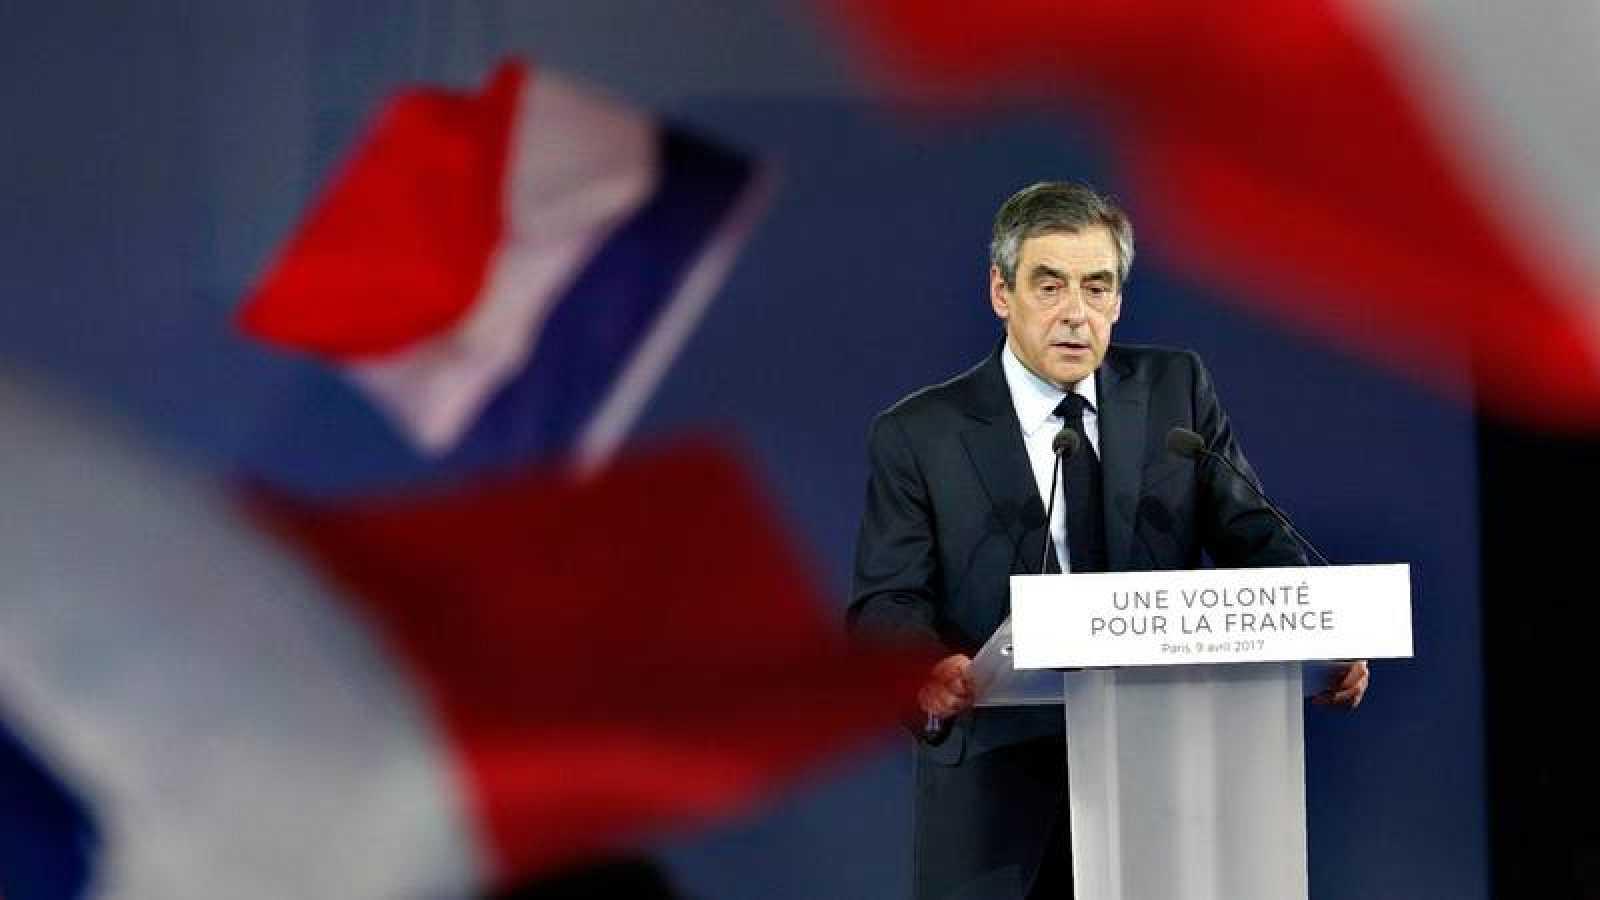 El candidato de Los Republicanos a la presidencia de Francia, François Fillon, en un acto de campaña